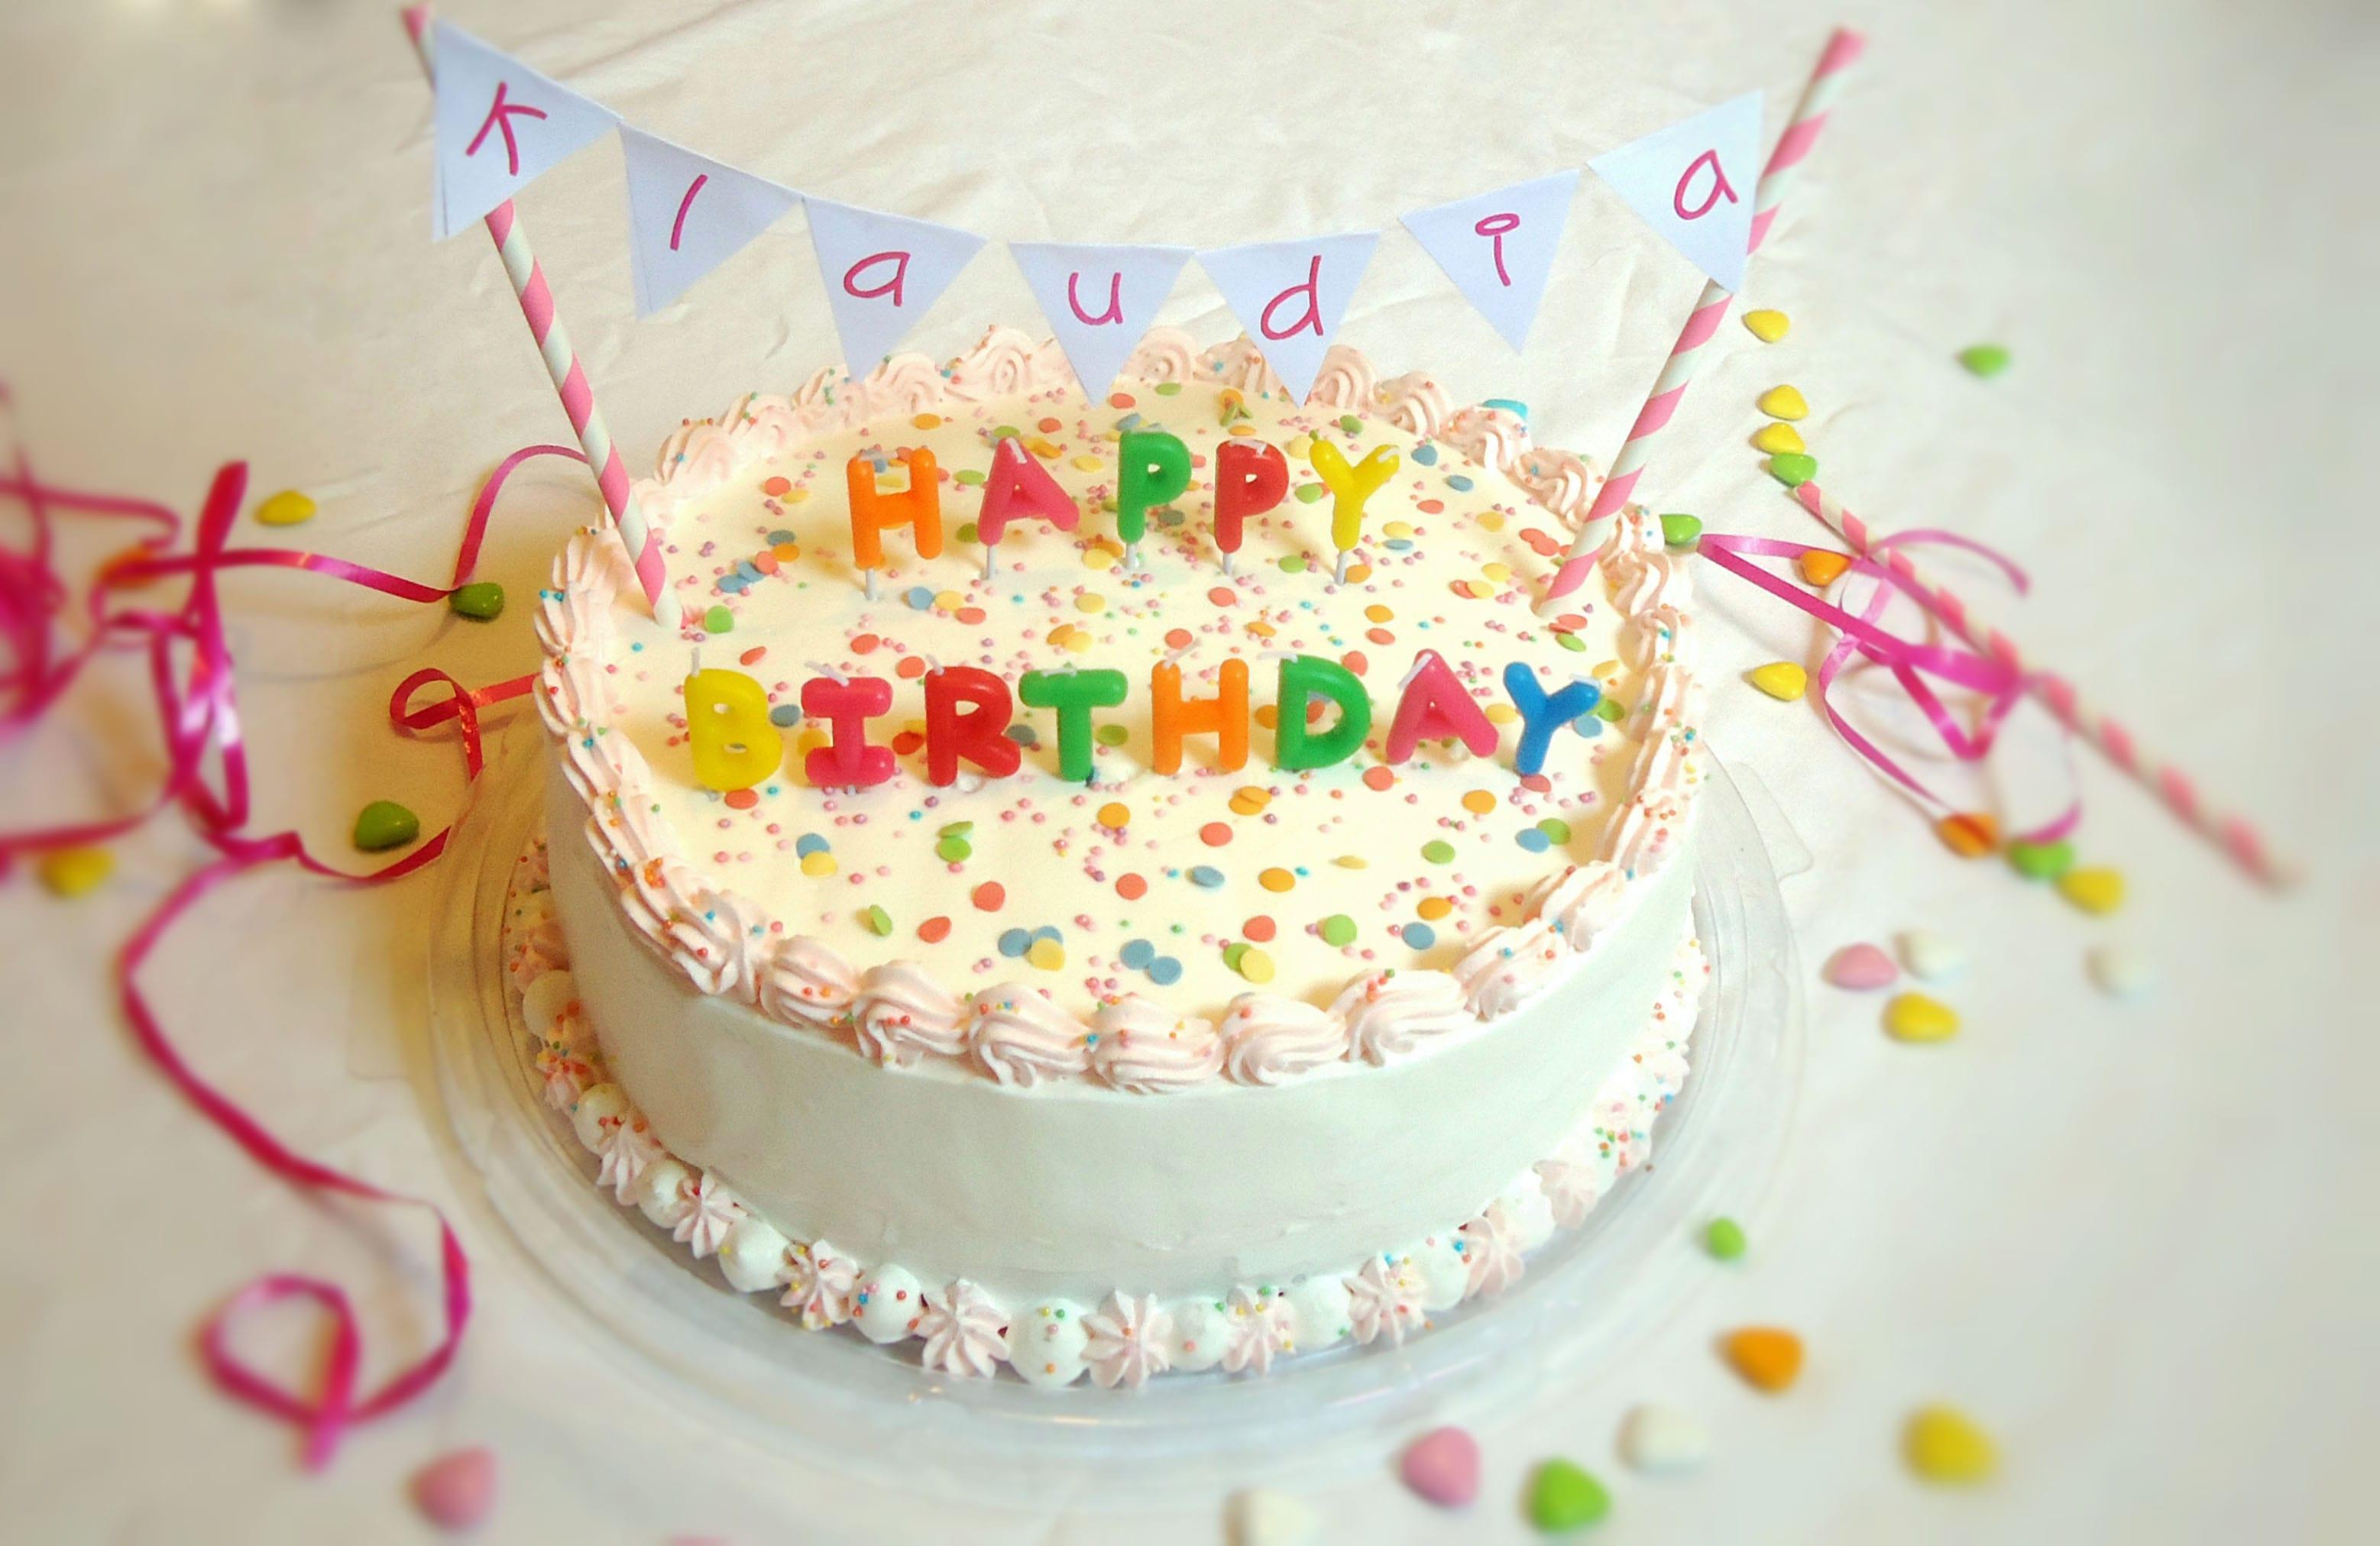 torte za dječji rođendan Rođendanska proslava   6 recepata za odlične rođendanske torte torte za dječji rođendan